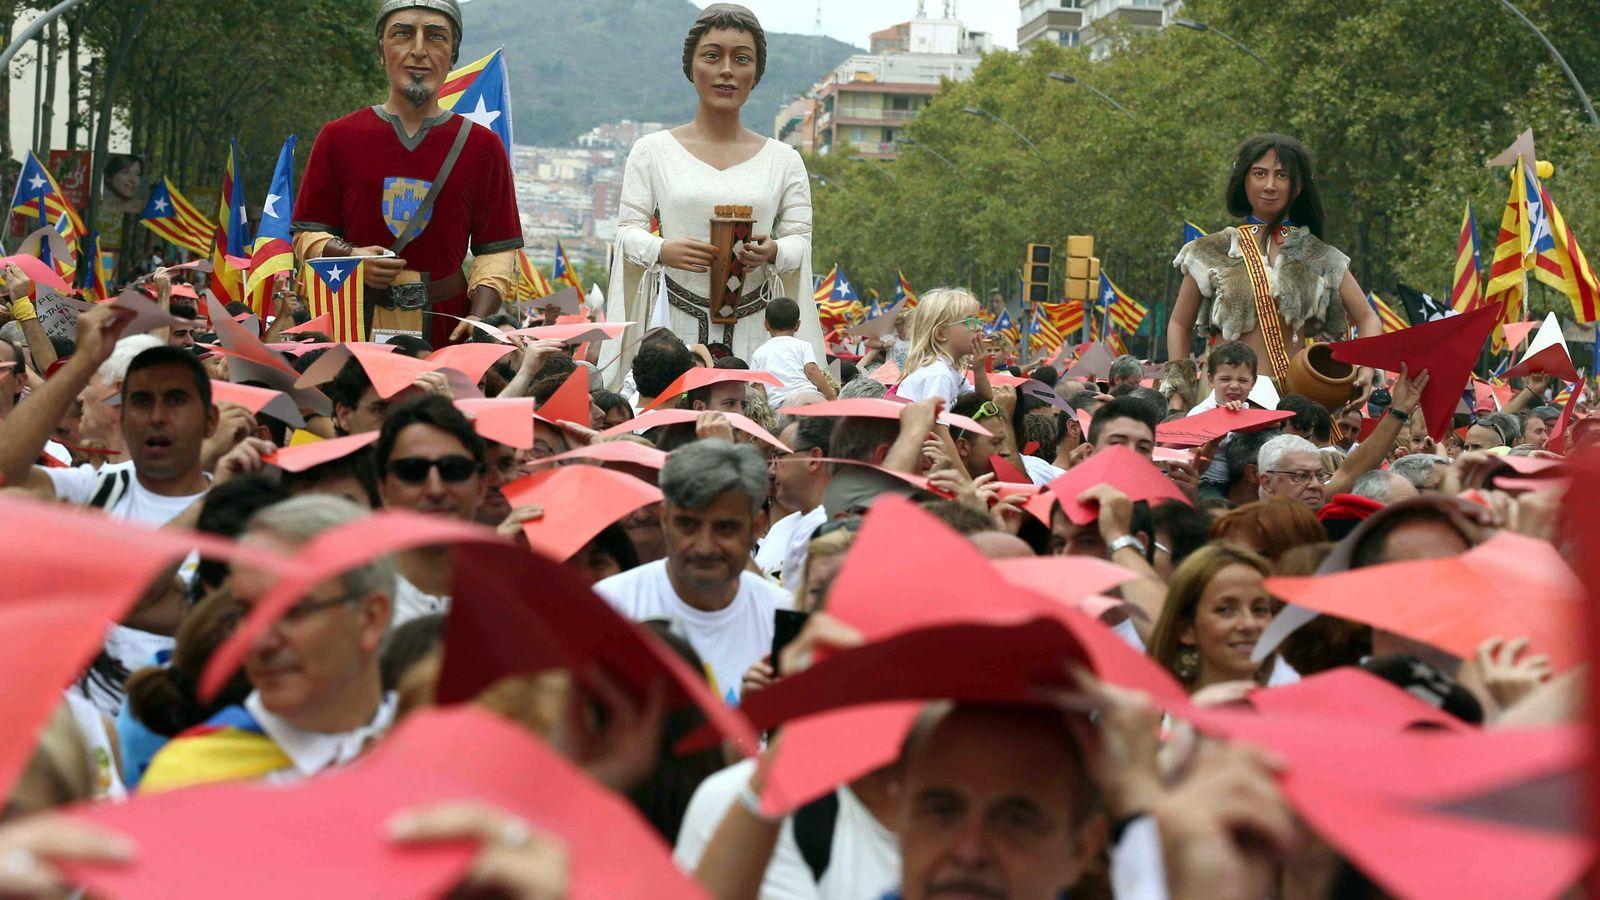 Foto: Manifestantes en la manifestación de la Diada 2015 a la altura de la Meridiana de Barcelona. (EFE)